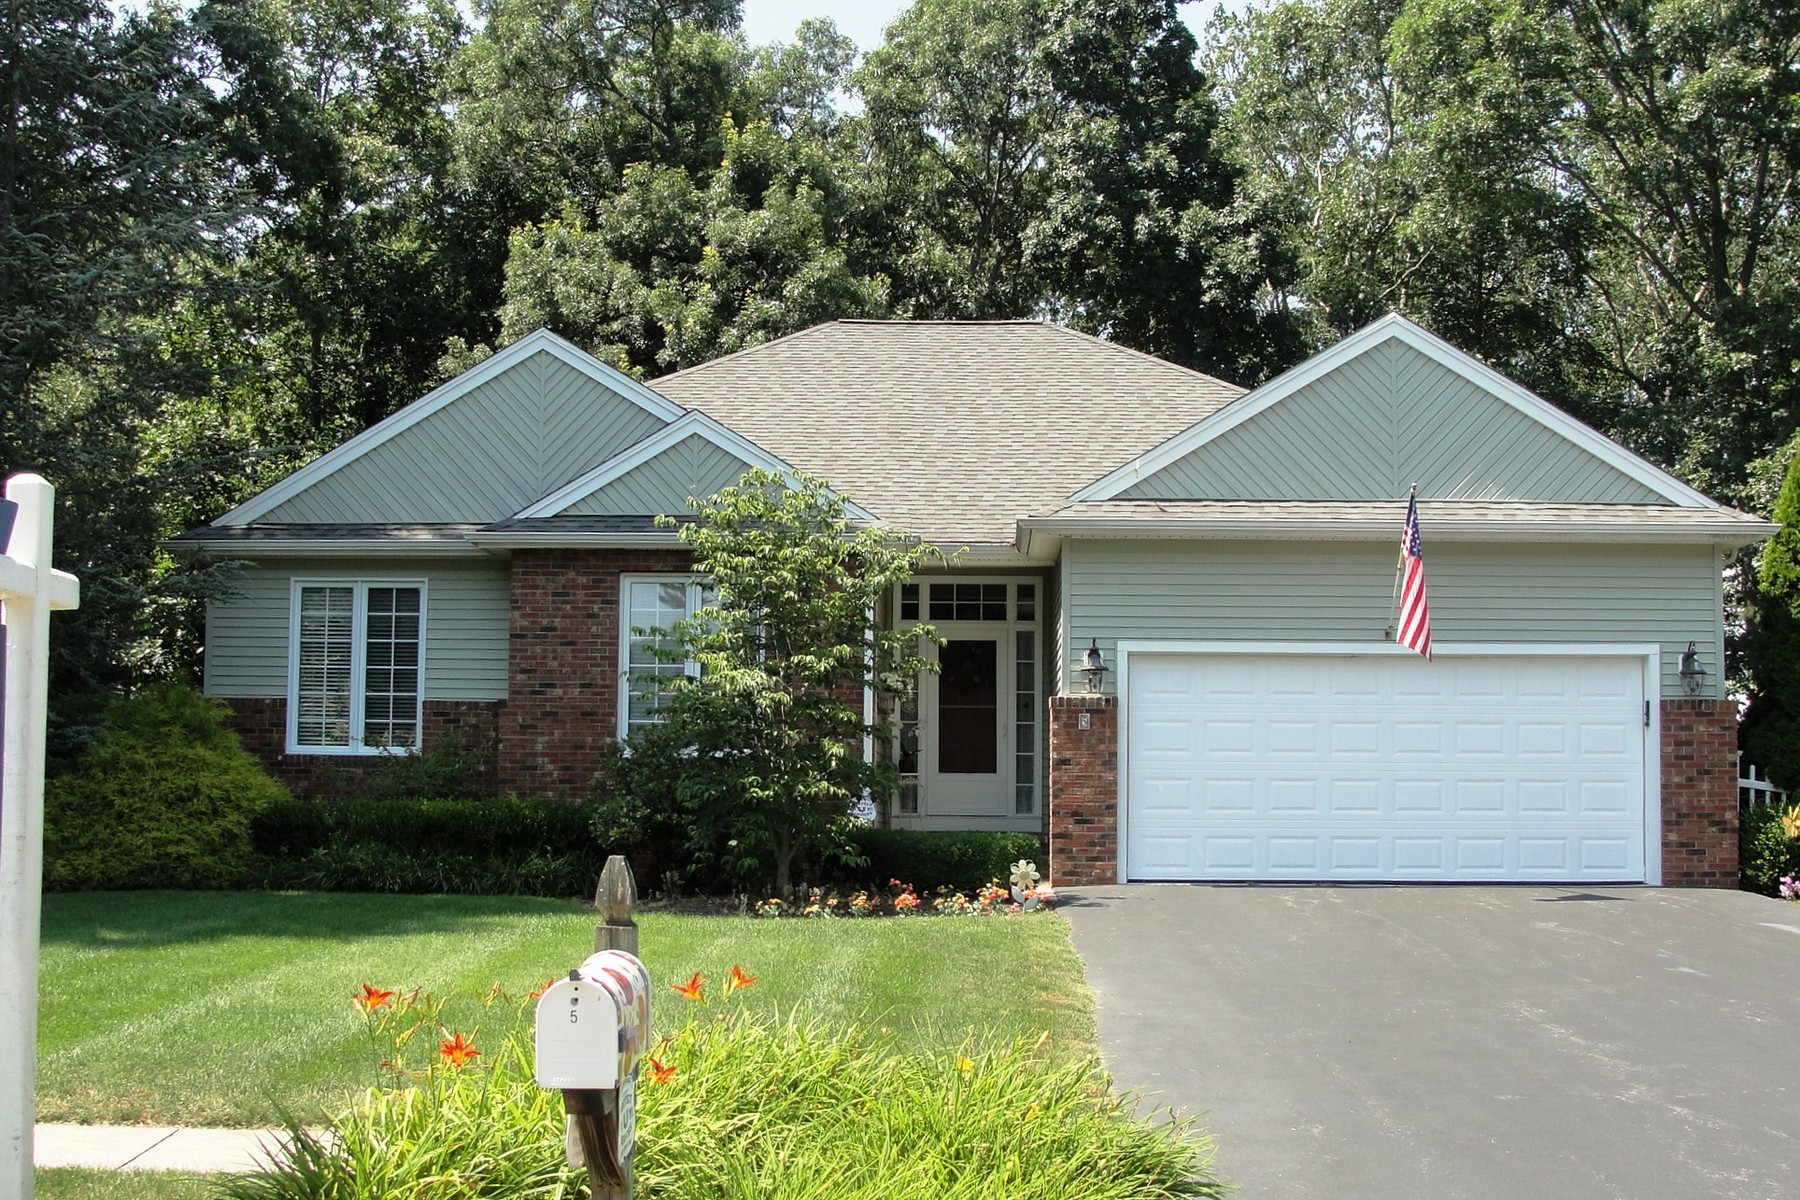 Casa Unifamiliar por un Venta en Better Than New - Perfect Condo Alternative 5 Jakobs Lndg Westbrook, Connecticut 06498 Estados Unidos